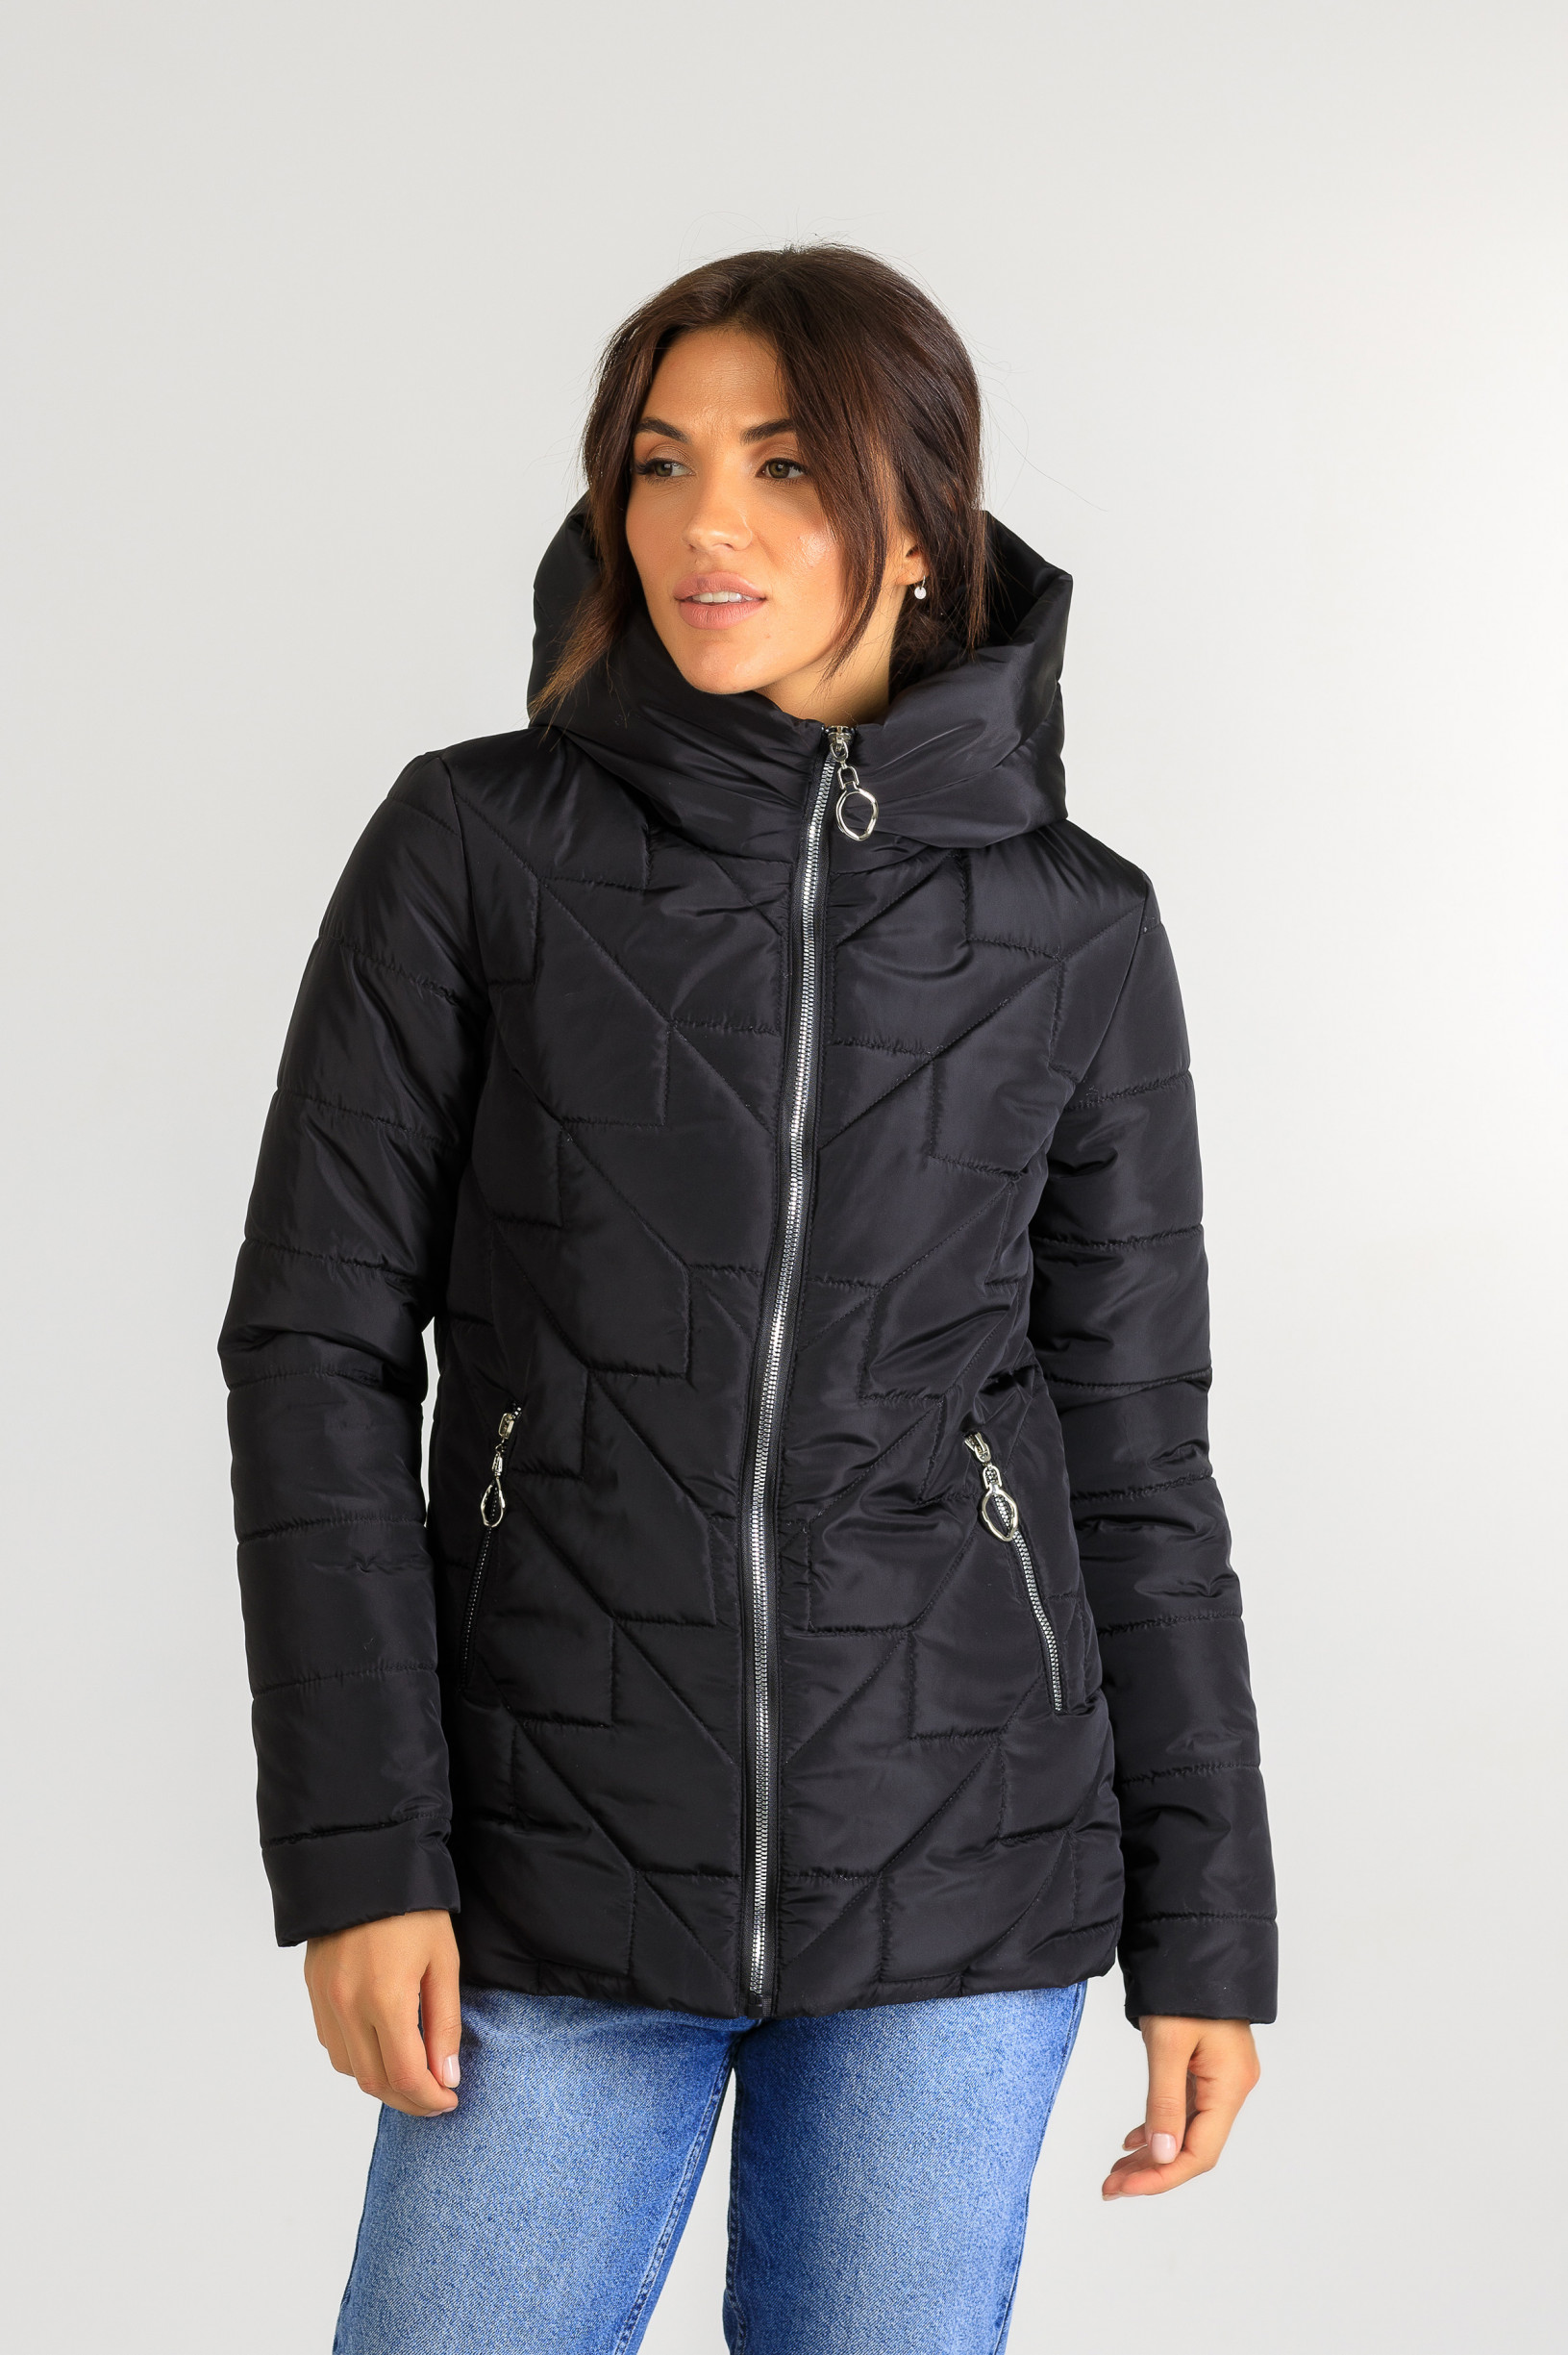 Демисезонная  женская удлинённая куртка Руби чёрного цвета